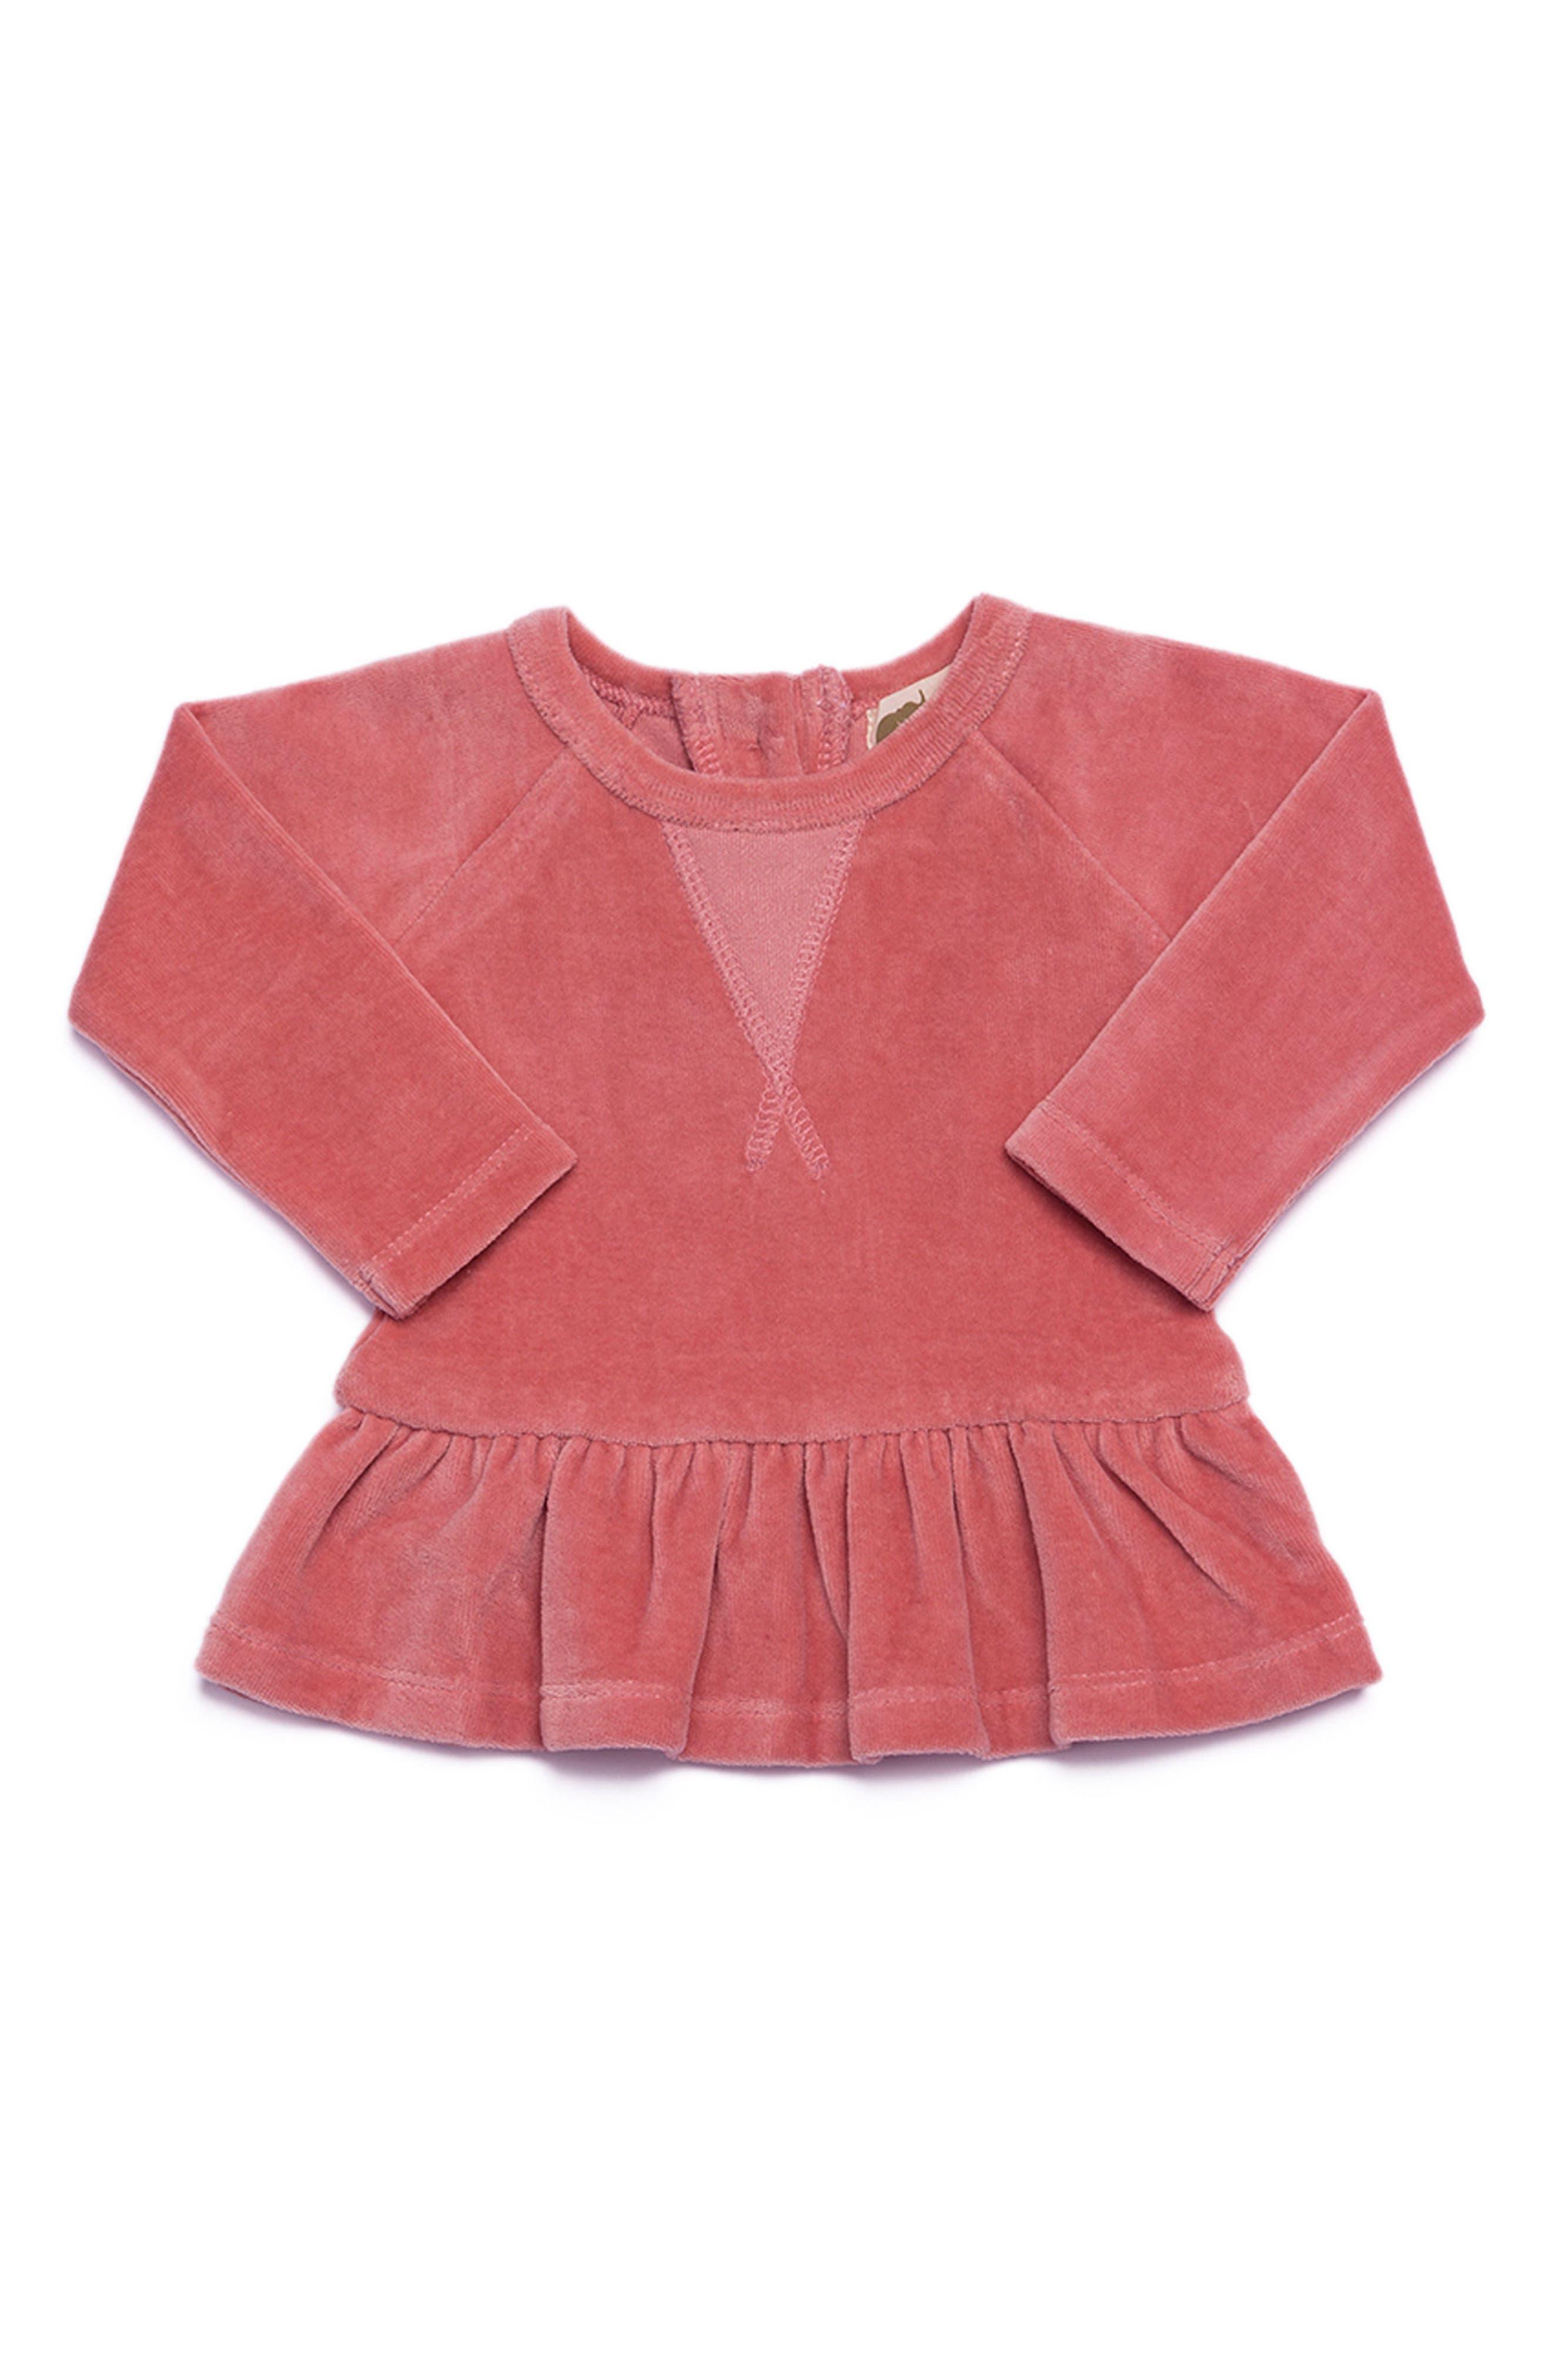 Monica + Andy Organic Cotton Peplum Sweatshirt (Baby Girls)